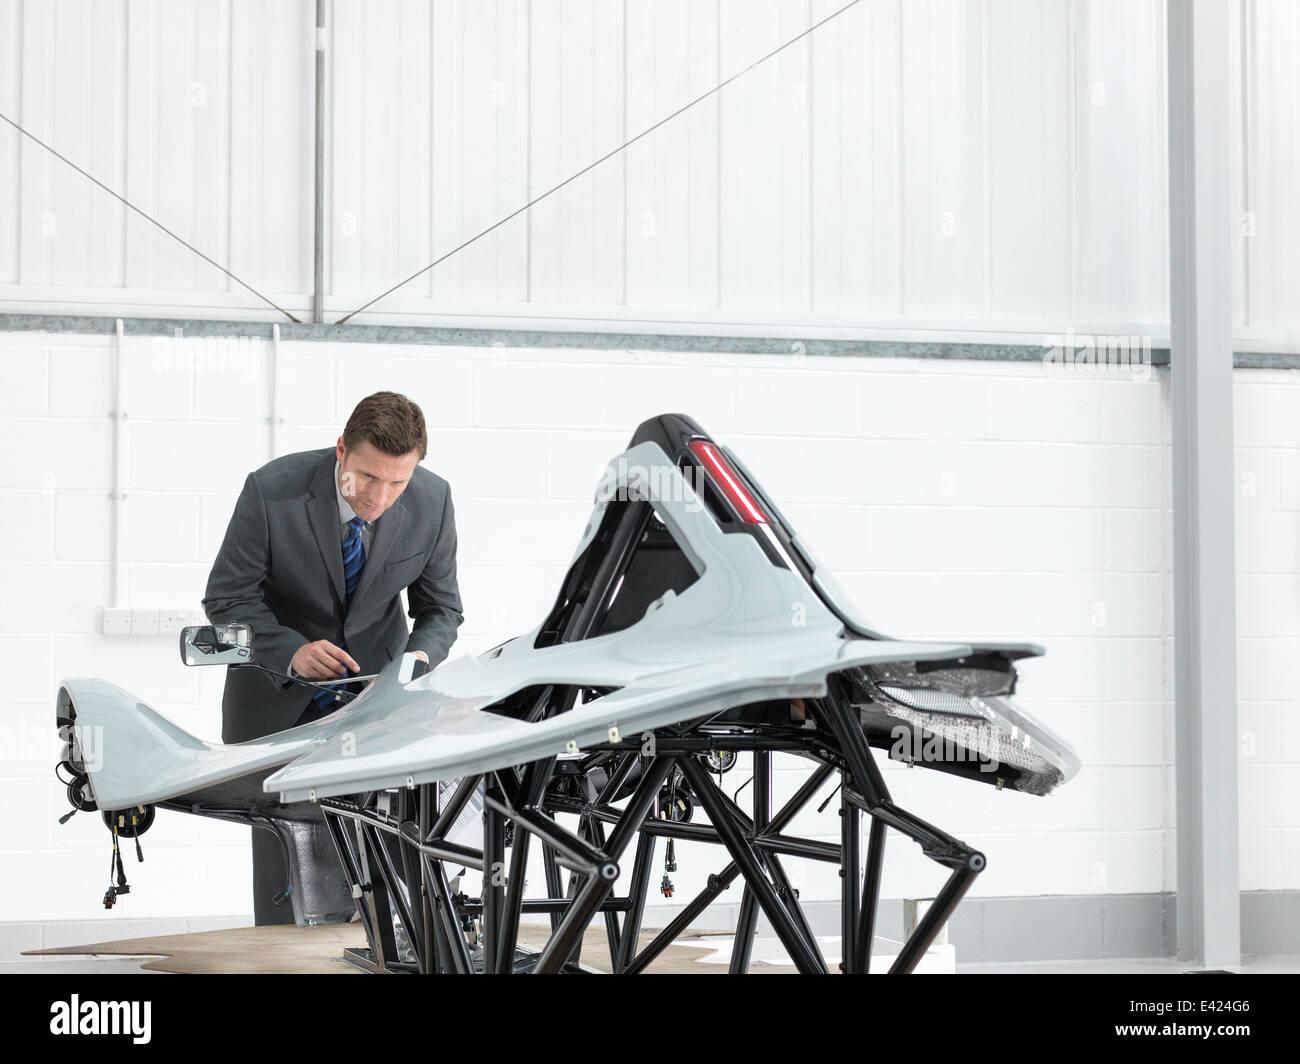 Diseñador de automoción inspeccionando parte supercar construido en fábrica de automóviles Imagen De Stock